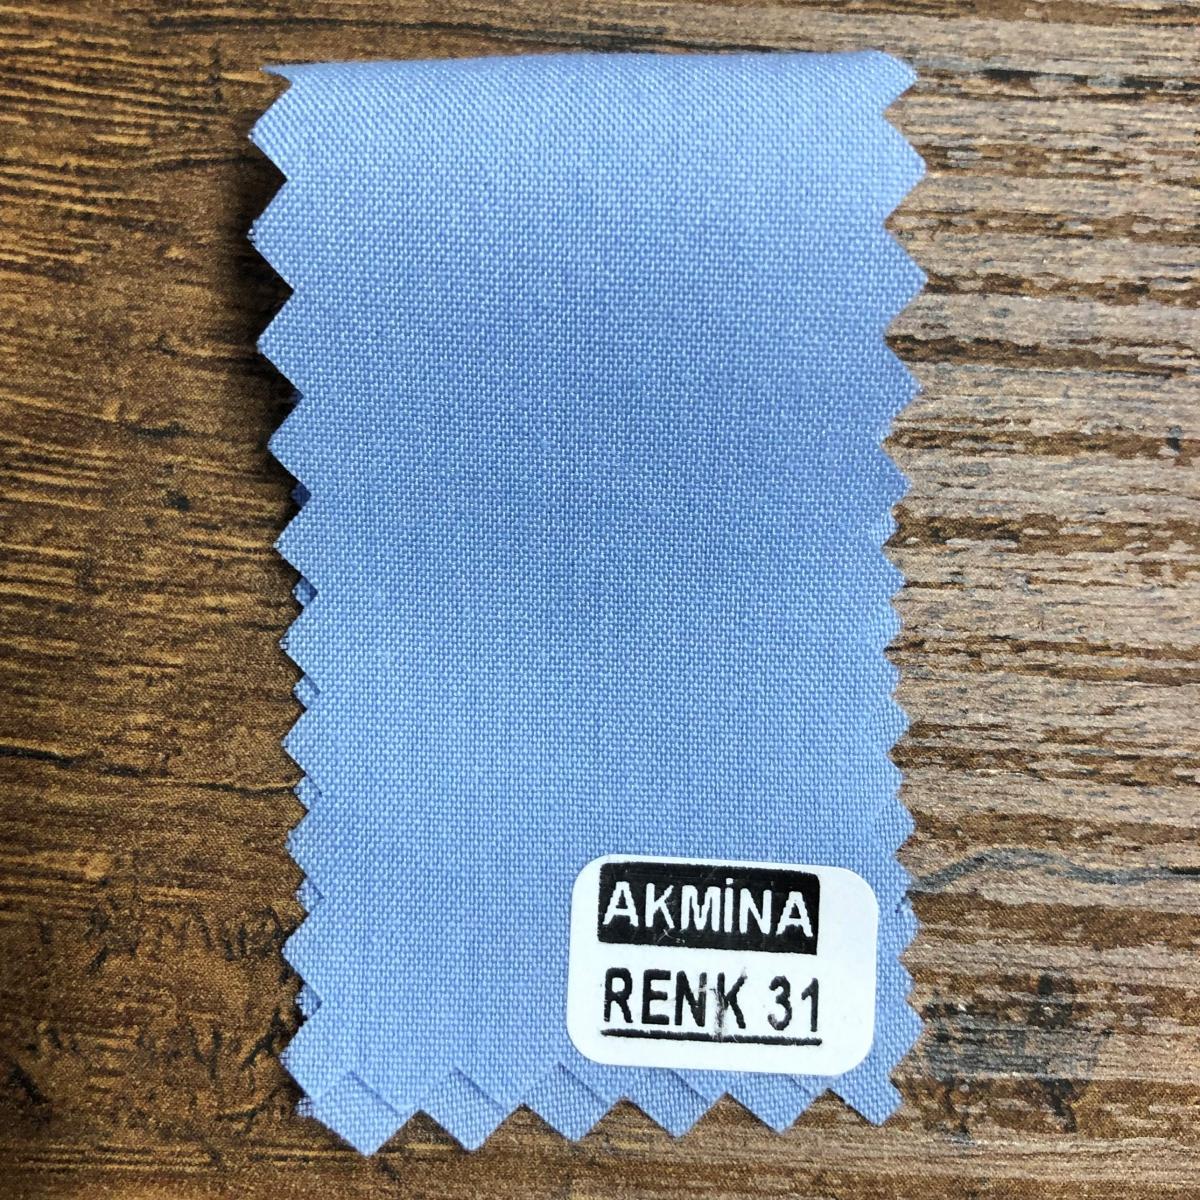 Mavi Renk Tonlari Kumas